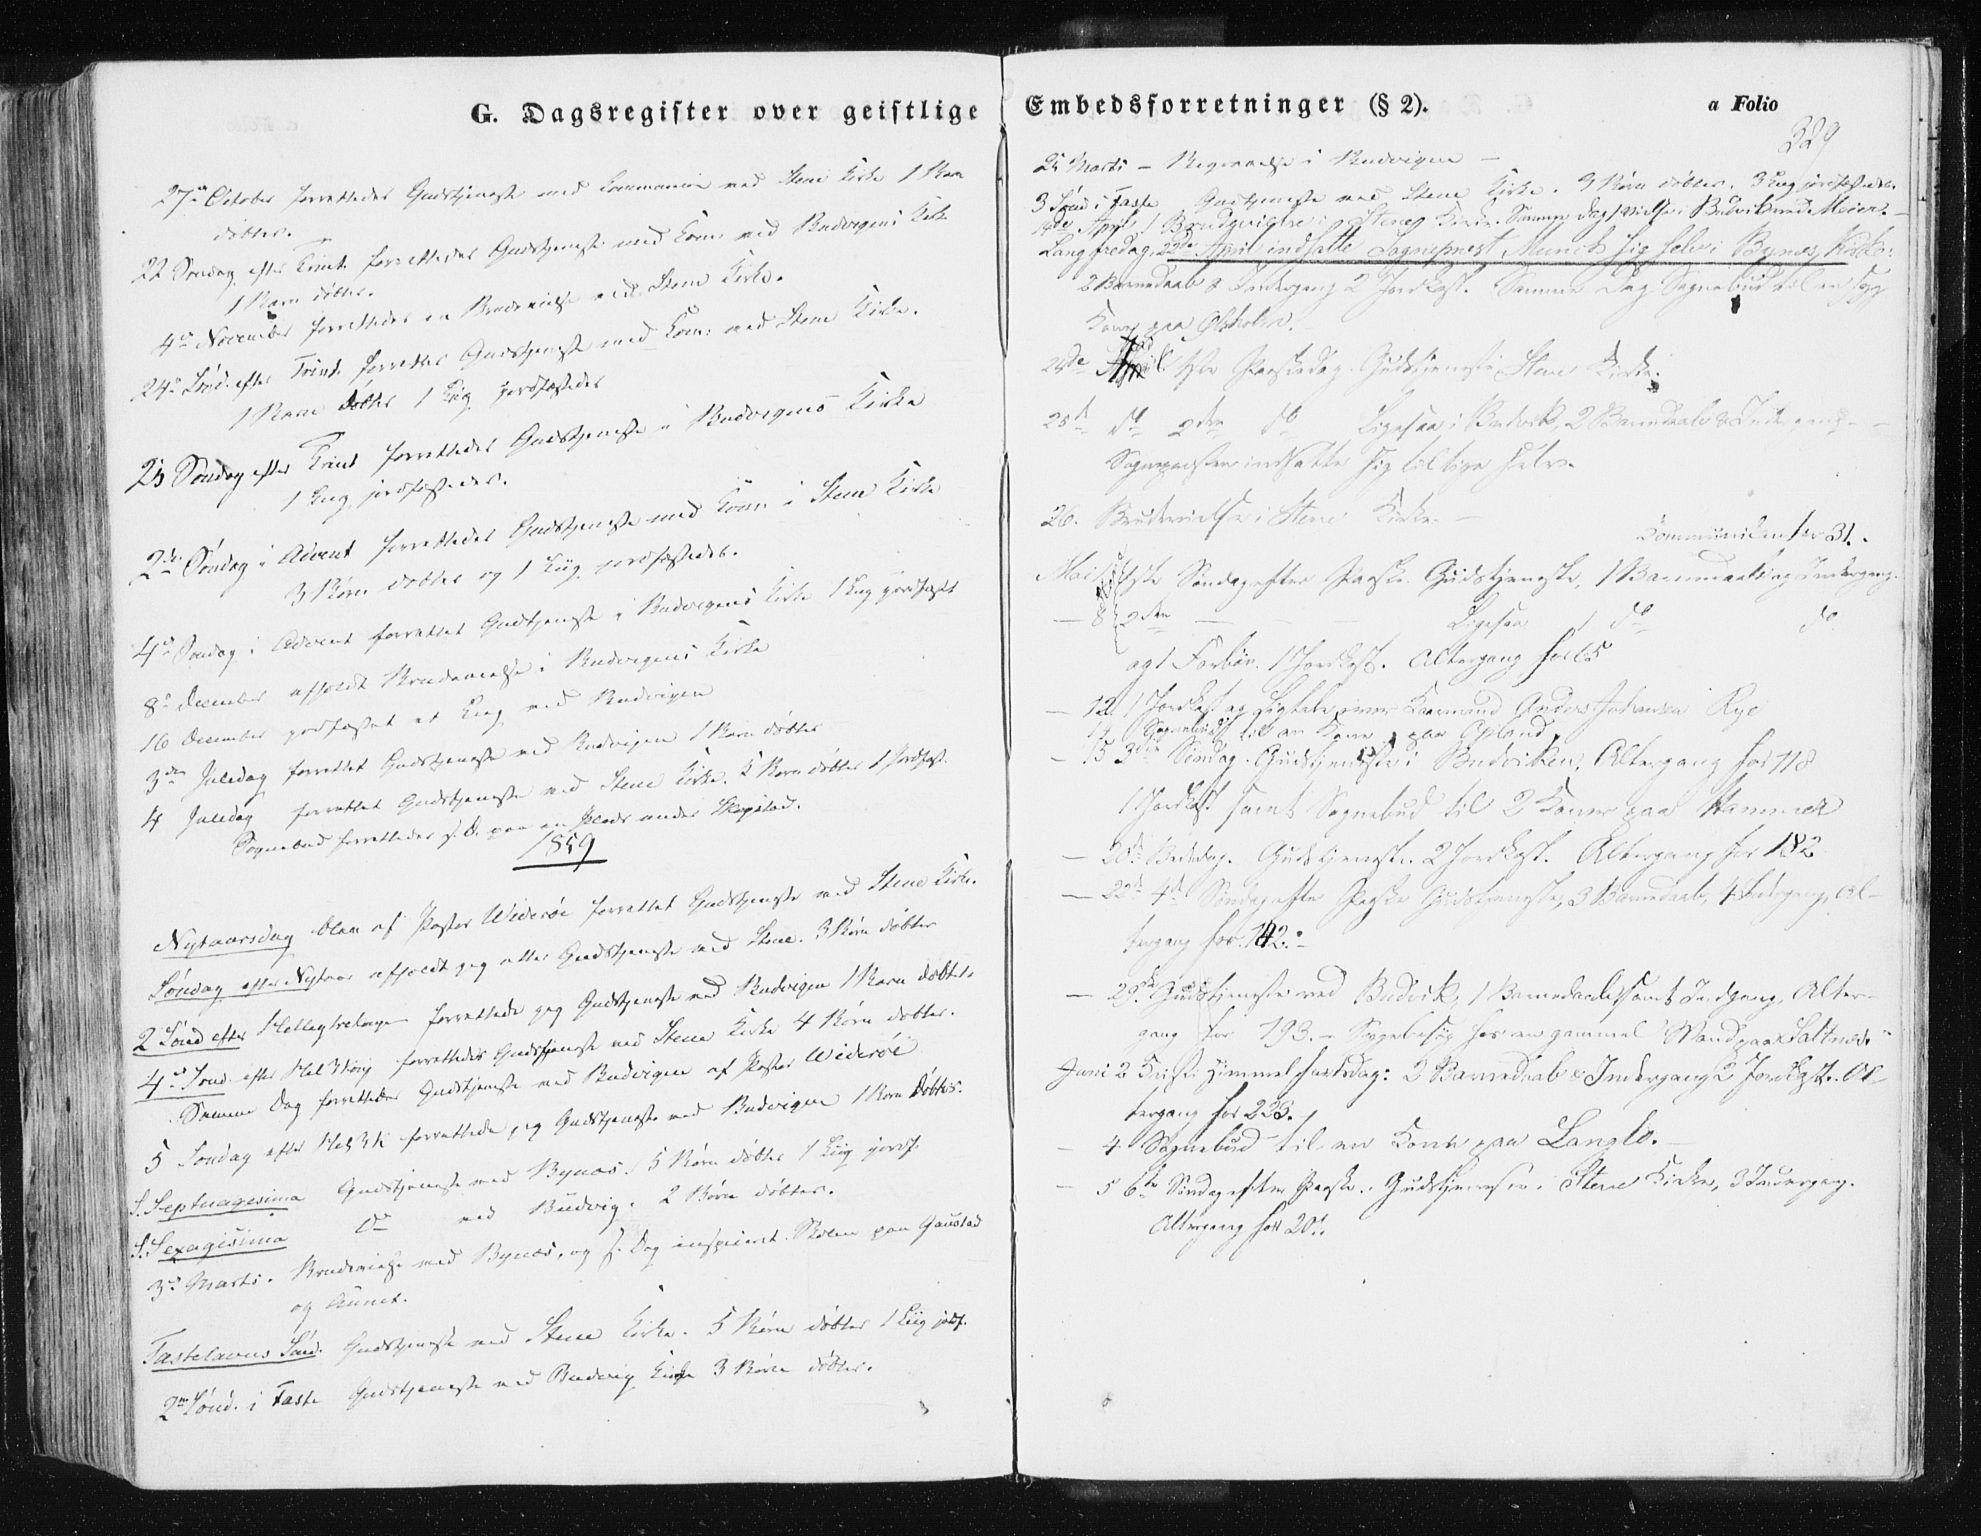 SAT, Ministerialprotokoller, klokkerbøker og fødselsregistre - Sør-Trøndelag, 612/L0376: Ministerialbok nr. 612A08, 1846-1859, s. 329